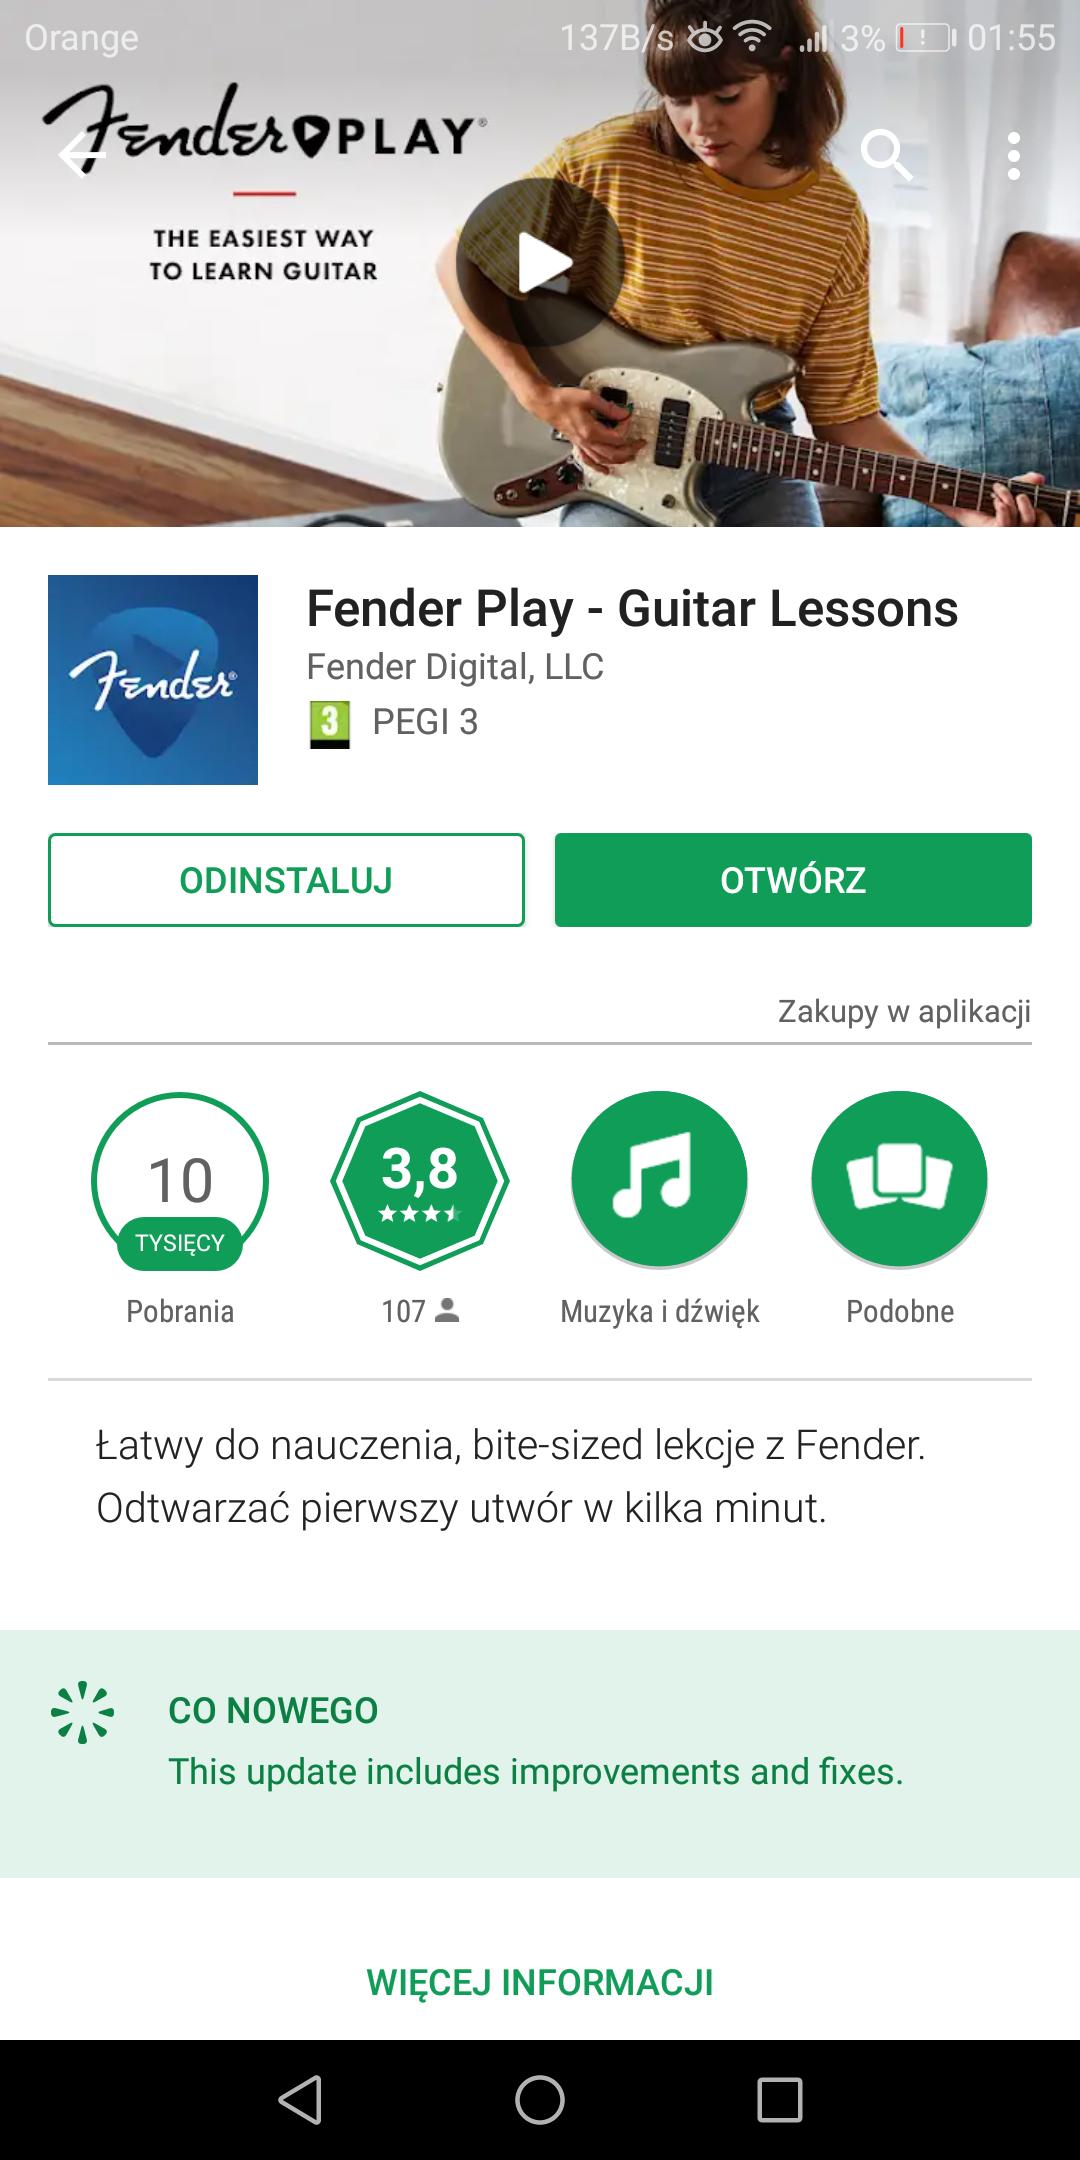 Fender Play - nauka gitary od podstaw pierwszy miesiąc za darmo